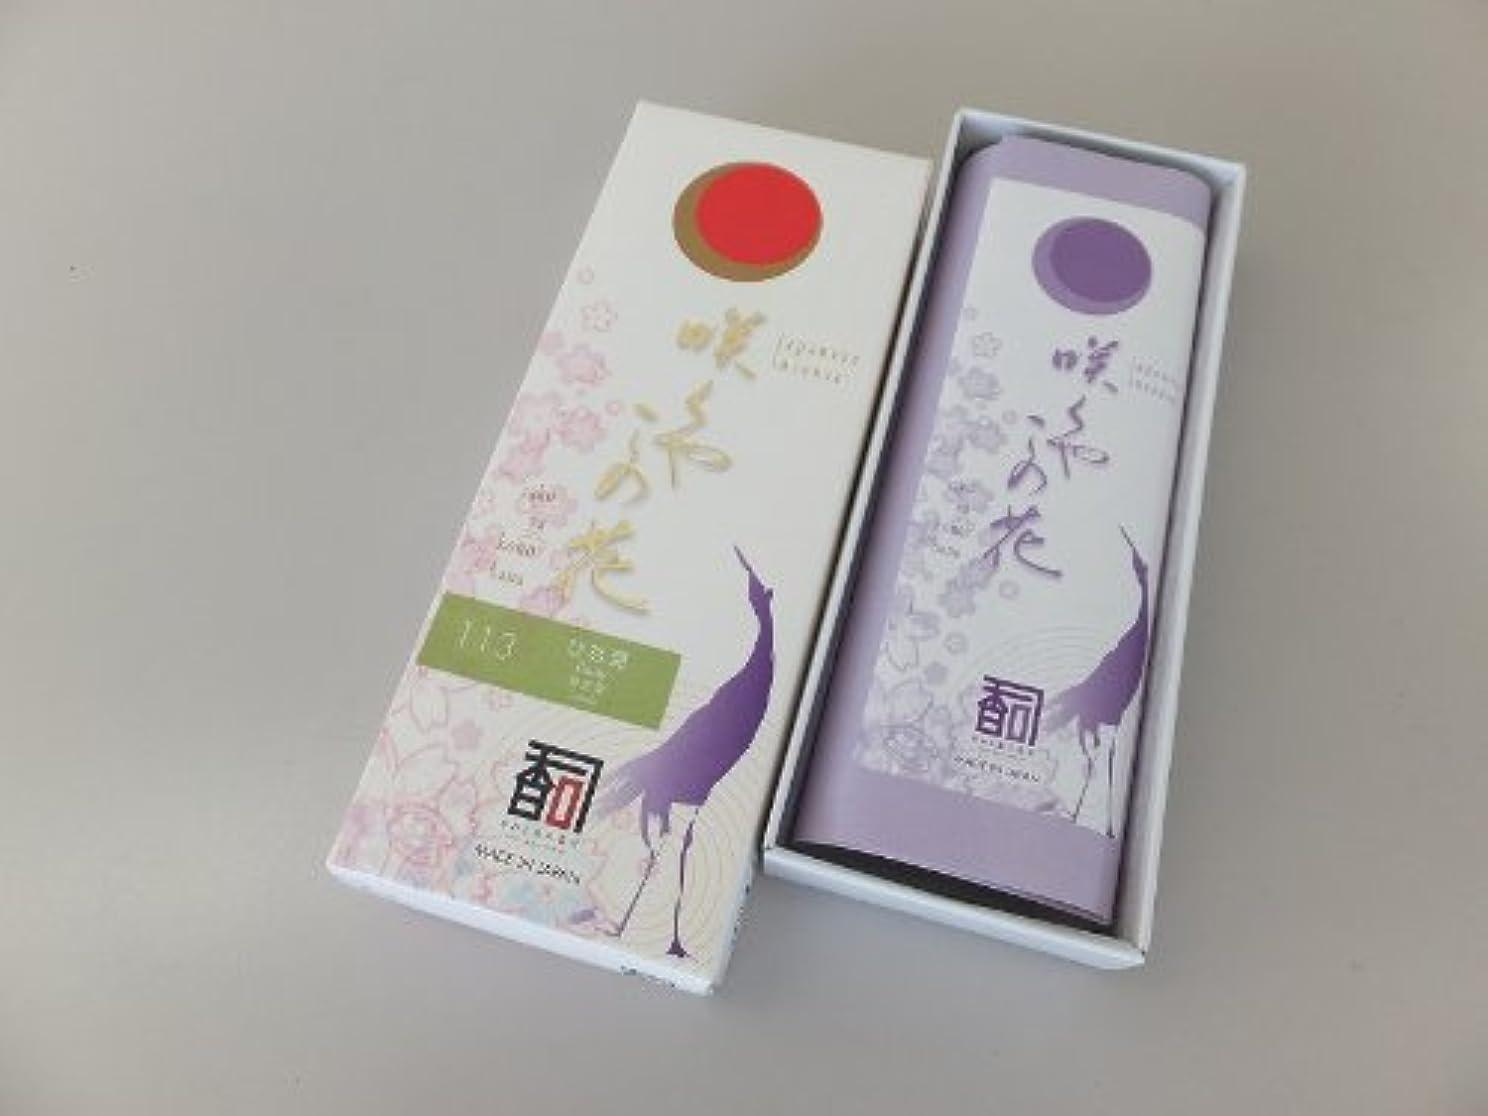 批判女性リッチ「あわじ島の香司」 日本の香りシリーズ  [咲くや この花] 【113】 ひな菊 (有煙)